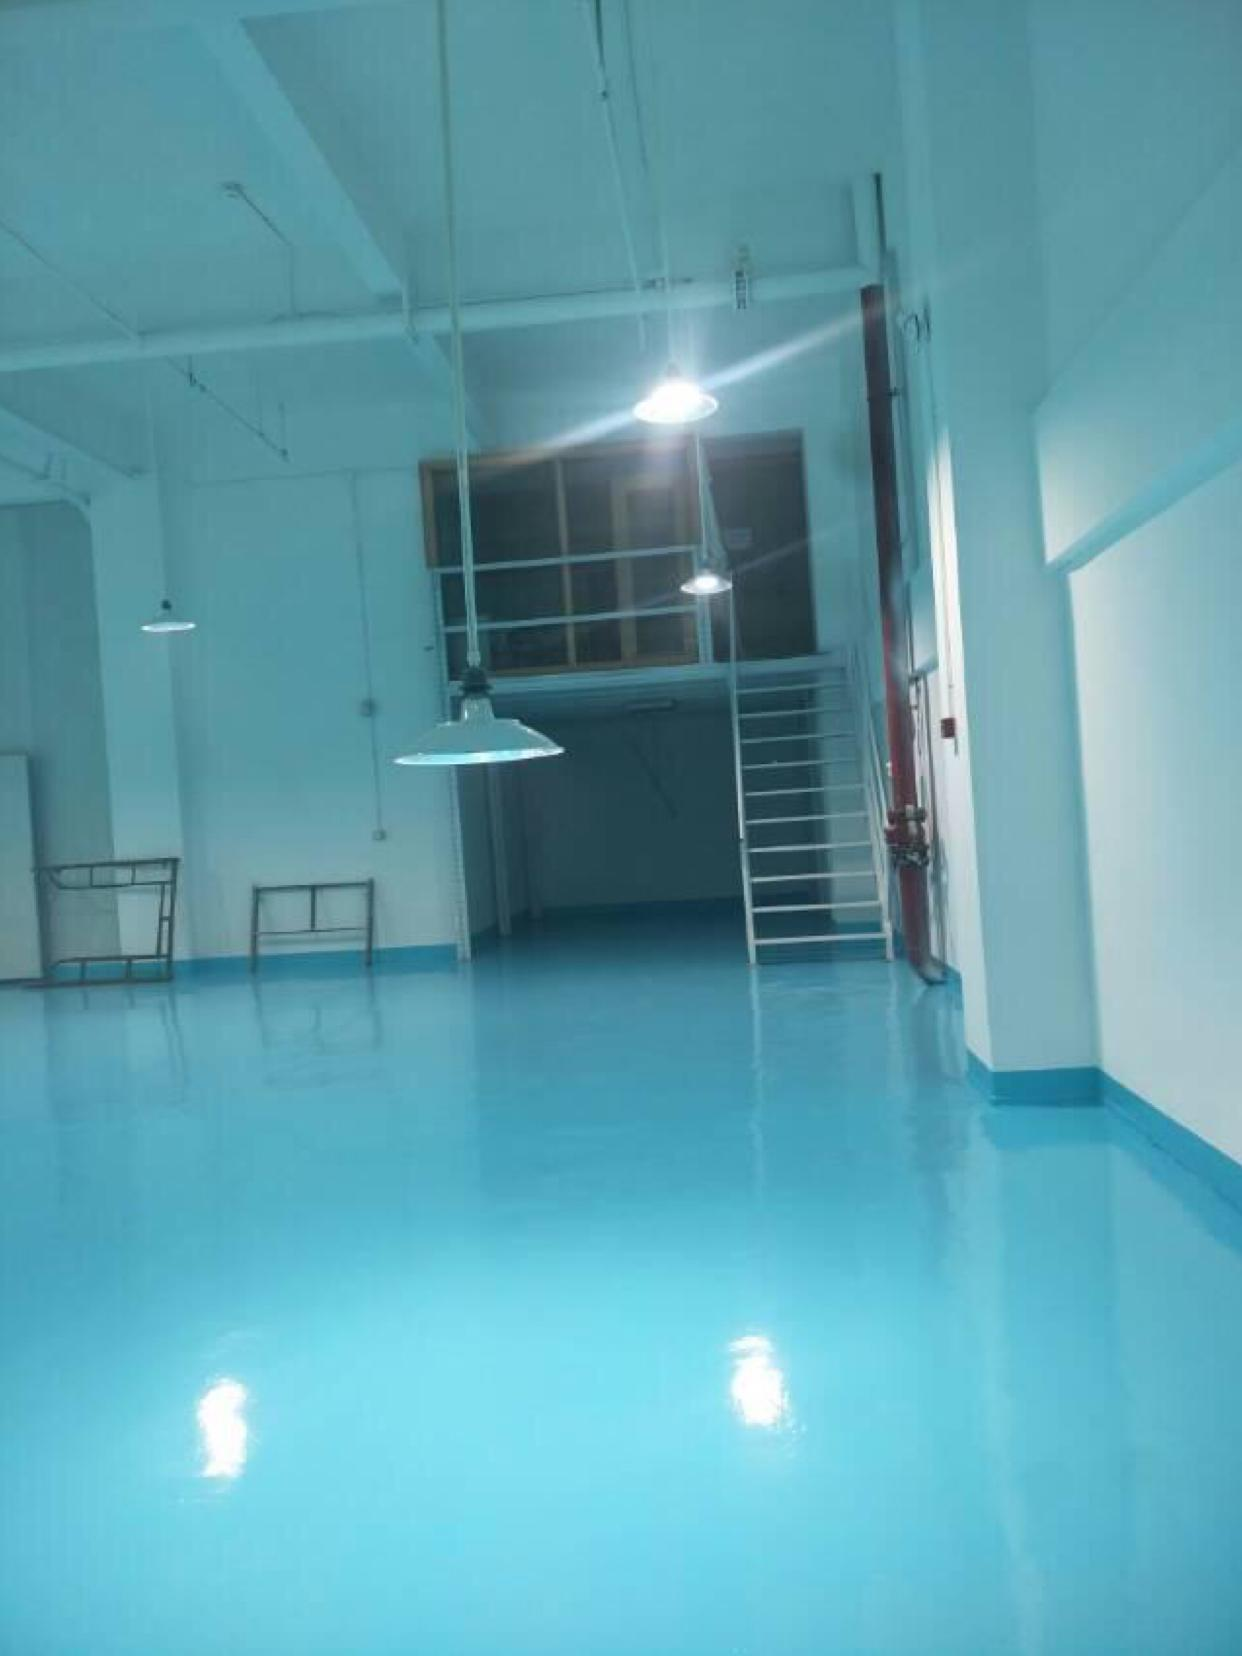 天河区珠吉一楼全新地坪漆带办公室500平出租